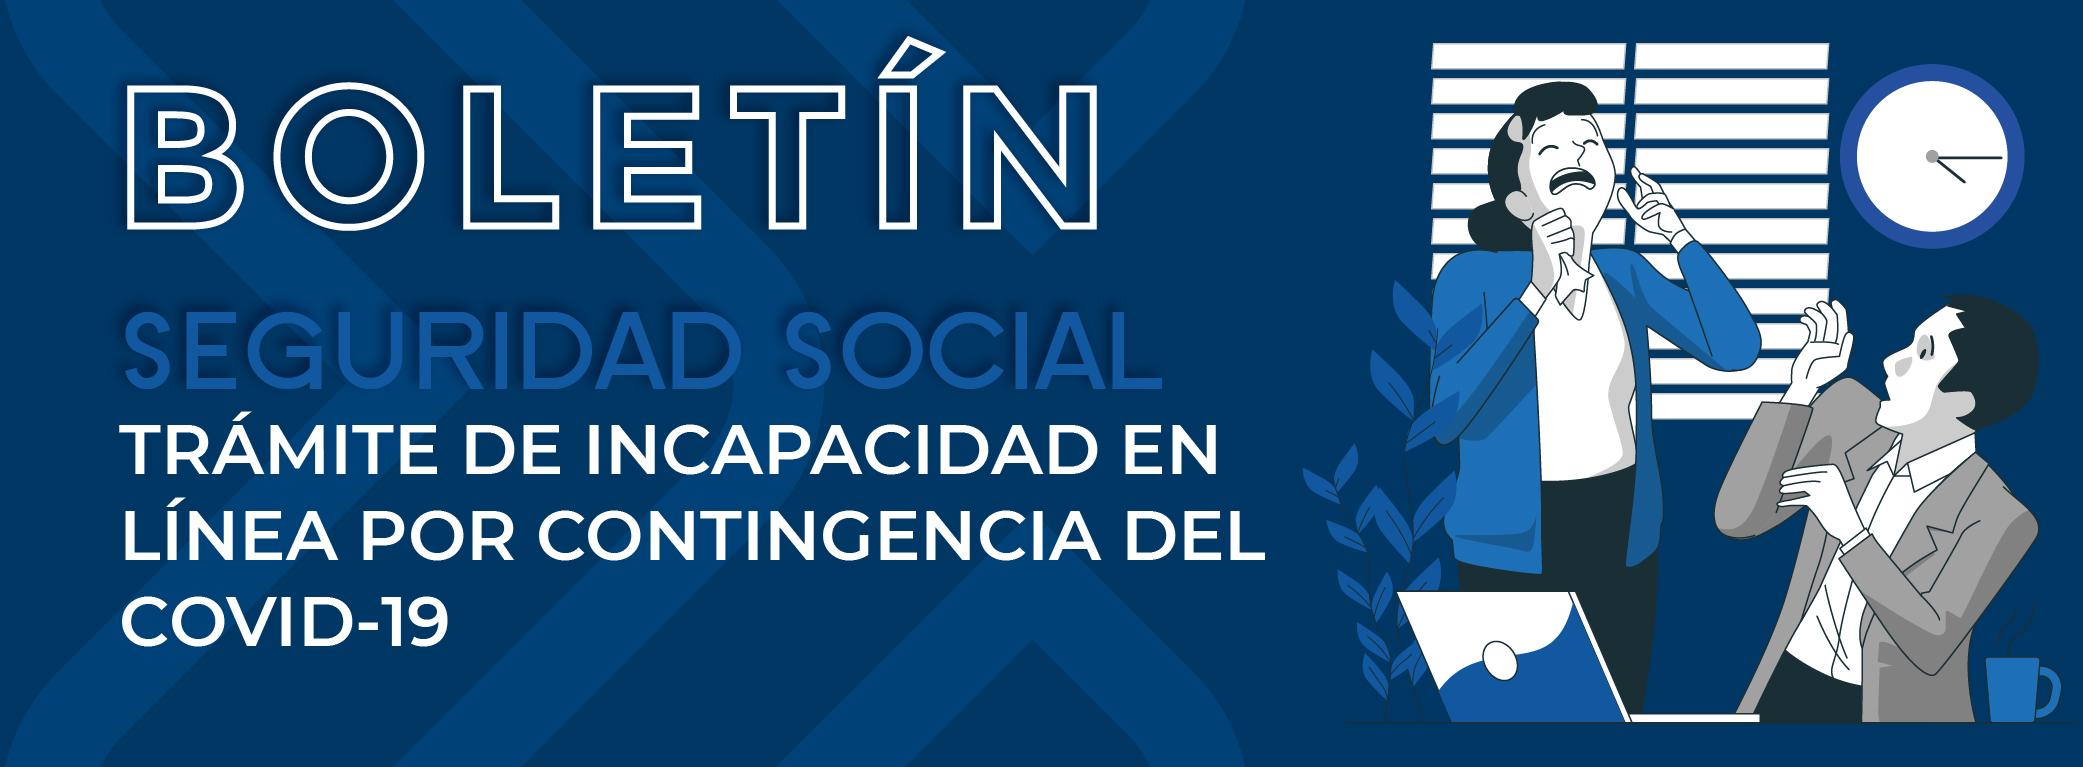 IMSS: TRÁMITE DE INCAPACIDAD EN LÍNEA POR CONTINGENCIA DE COVID-19 1 Incapacidad por COVID 19 01